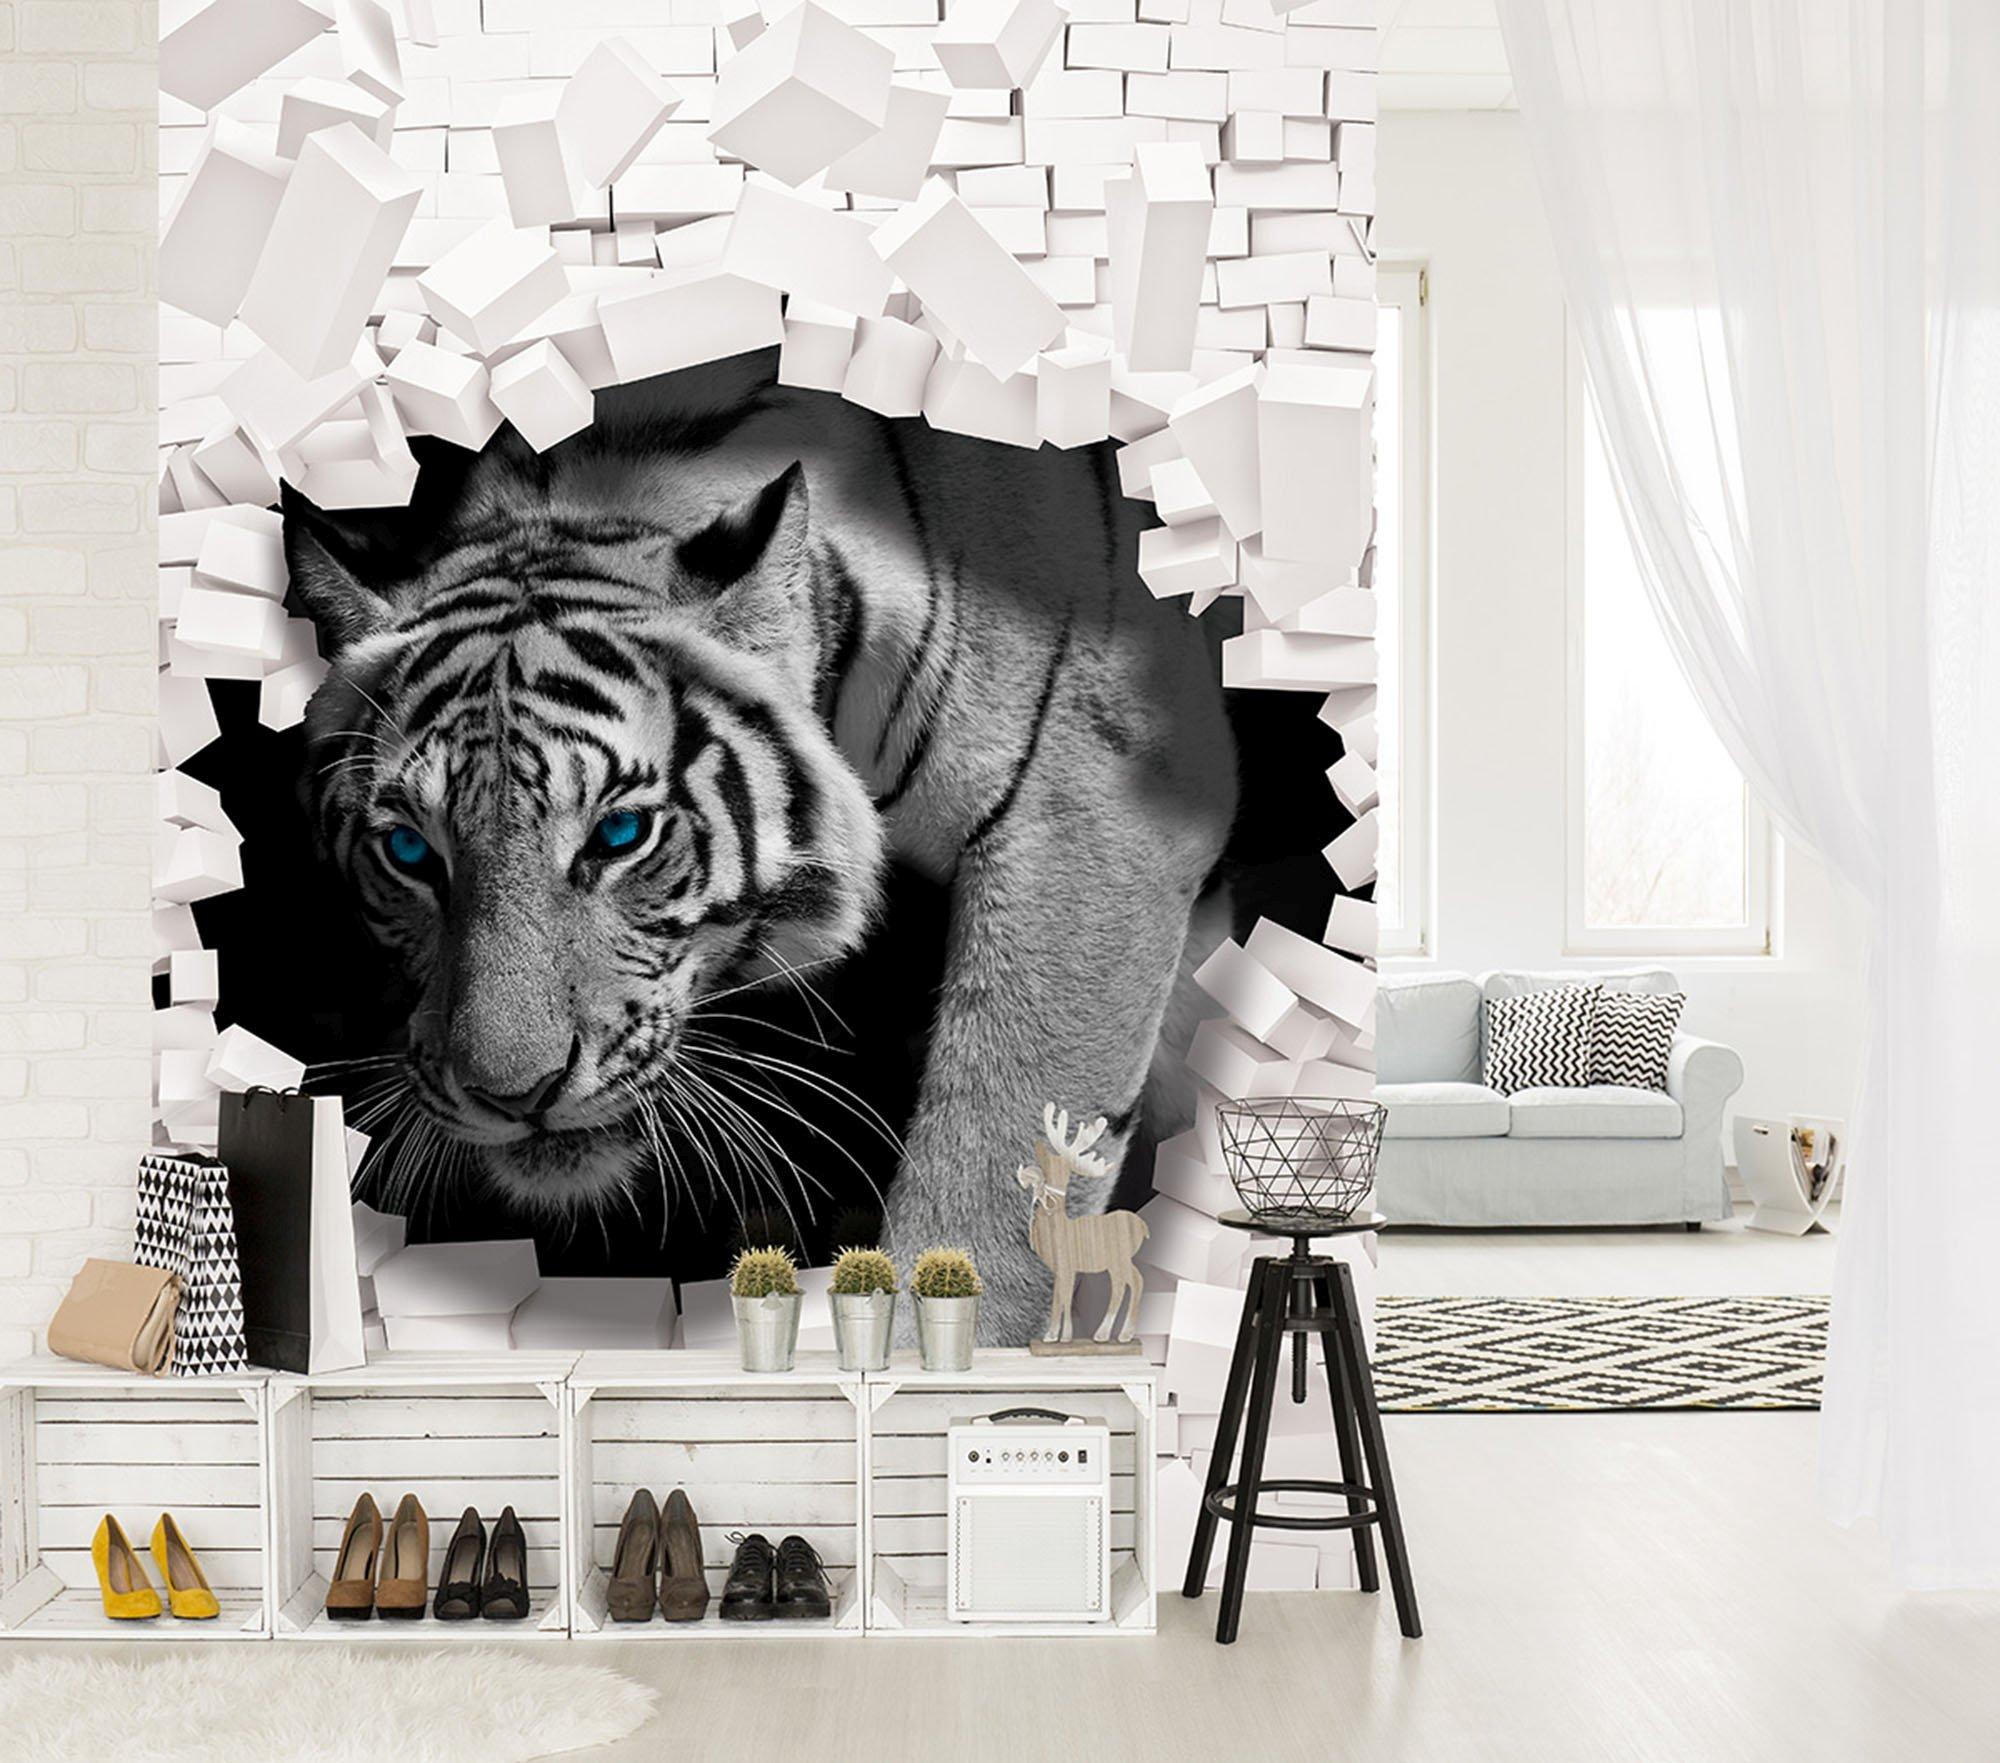 3d fototapete tiger kommt aus der wand. Black Bedroom Furniture Sets. Home Design Ideas